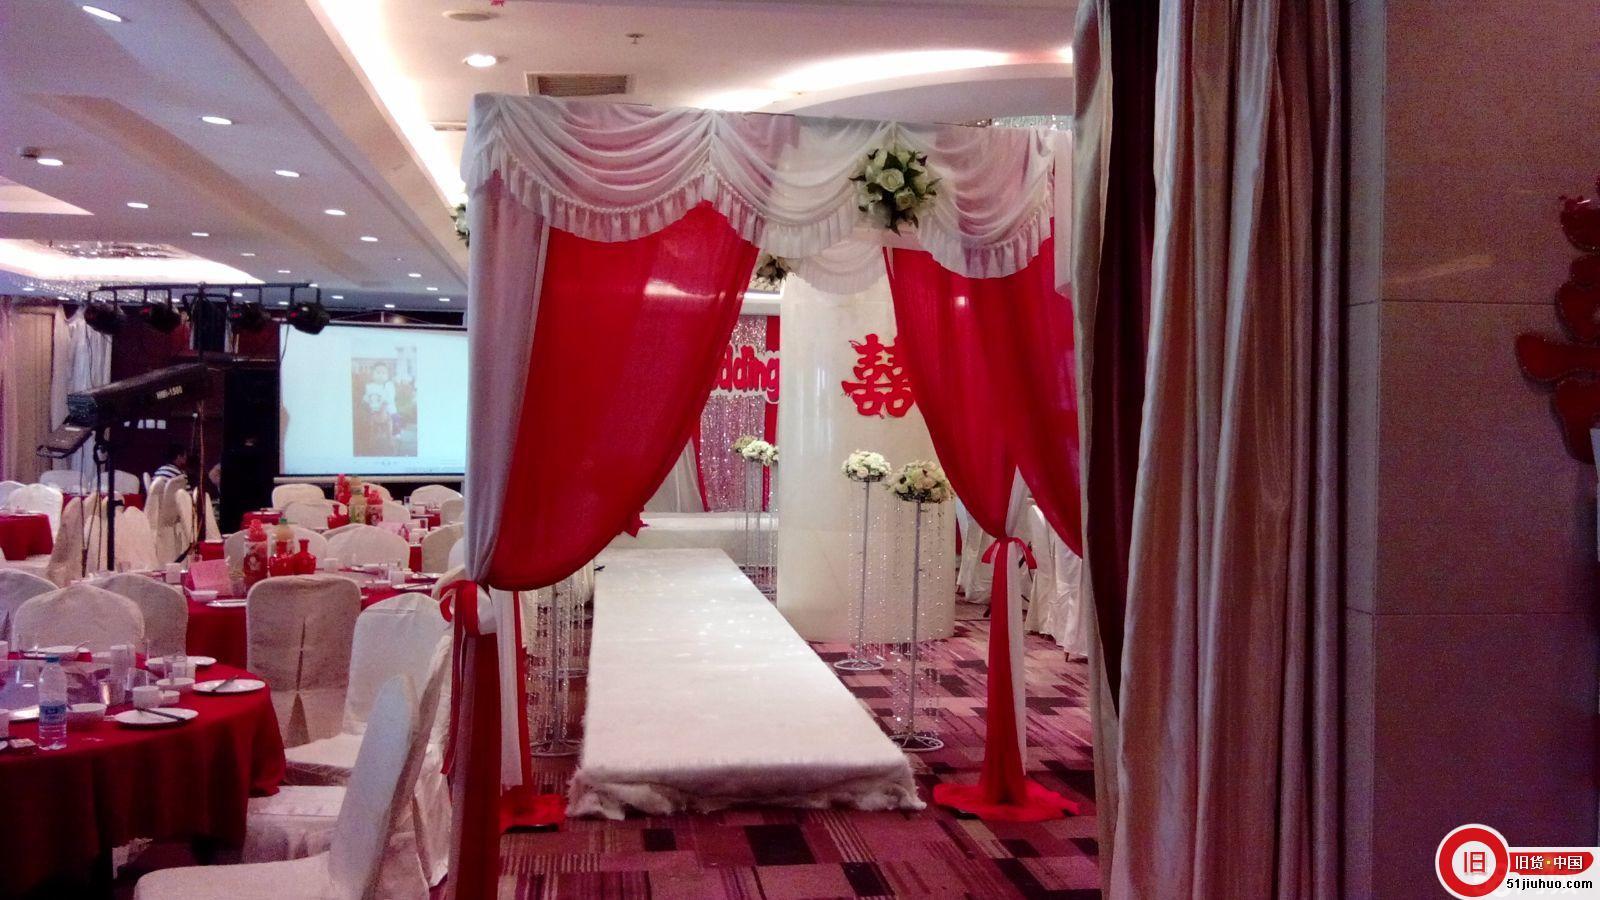 自用闲置,圆顶圆花厅1个(带白色果绿色玫瑰花),绢花拱门2个(白色